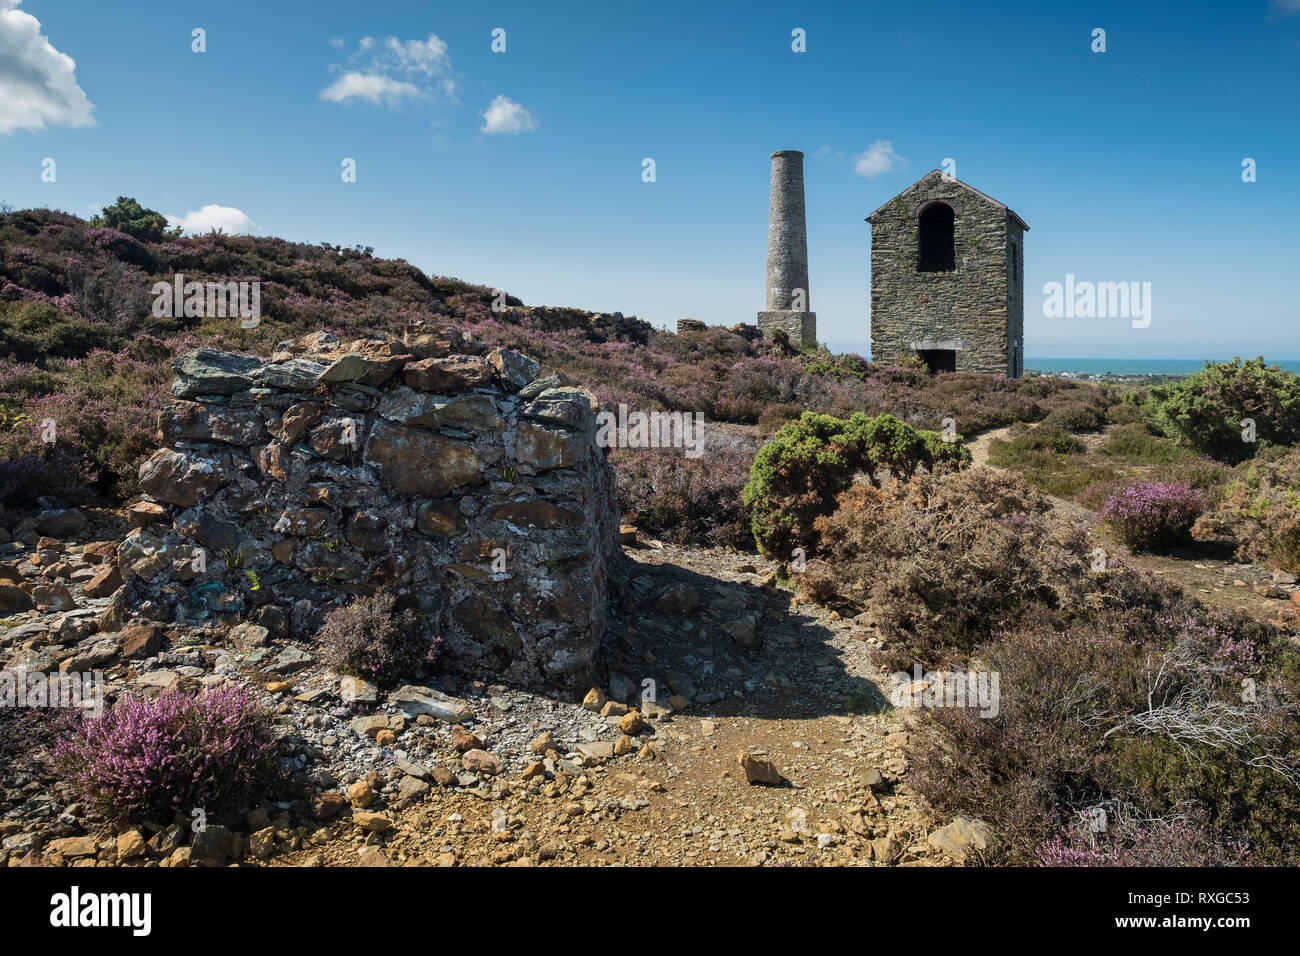 Perla albero motore House & Camino, Parys montagna, Vicino Amlwch, Anglesey, Galles del Nord, Regno Unito Immagini Stock